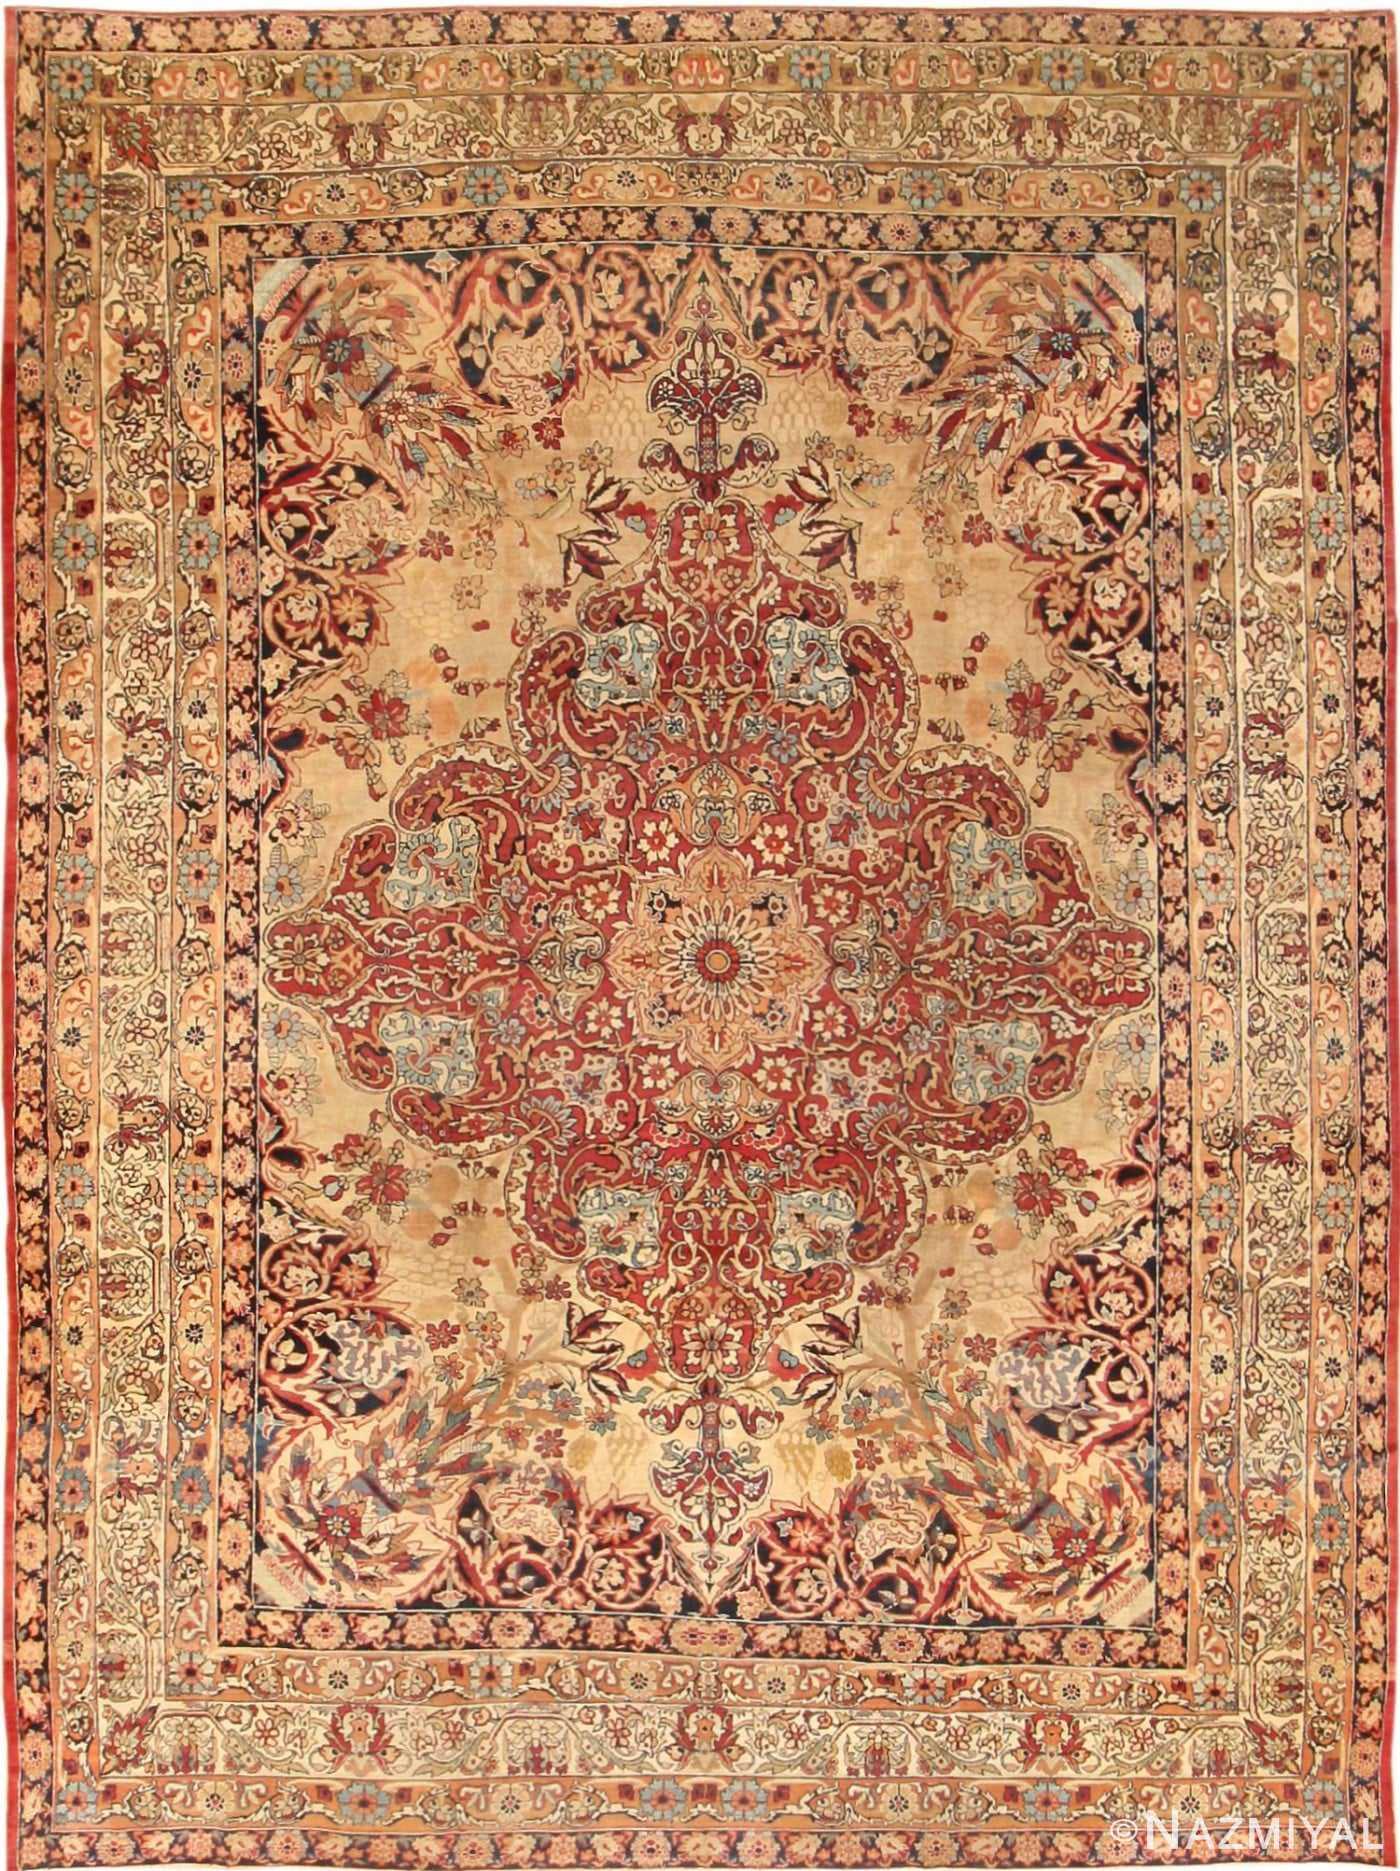 Antique Kerman Persian Rug 40523 Detail/Large View